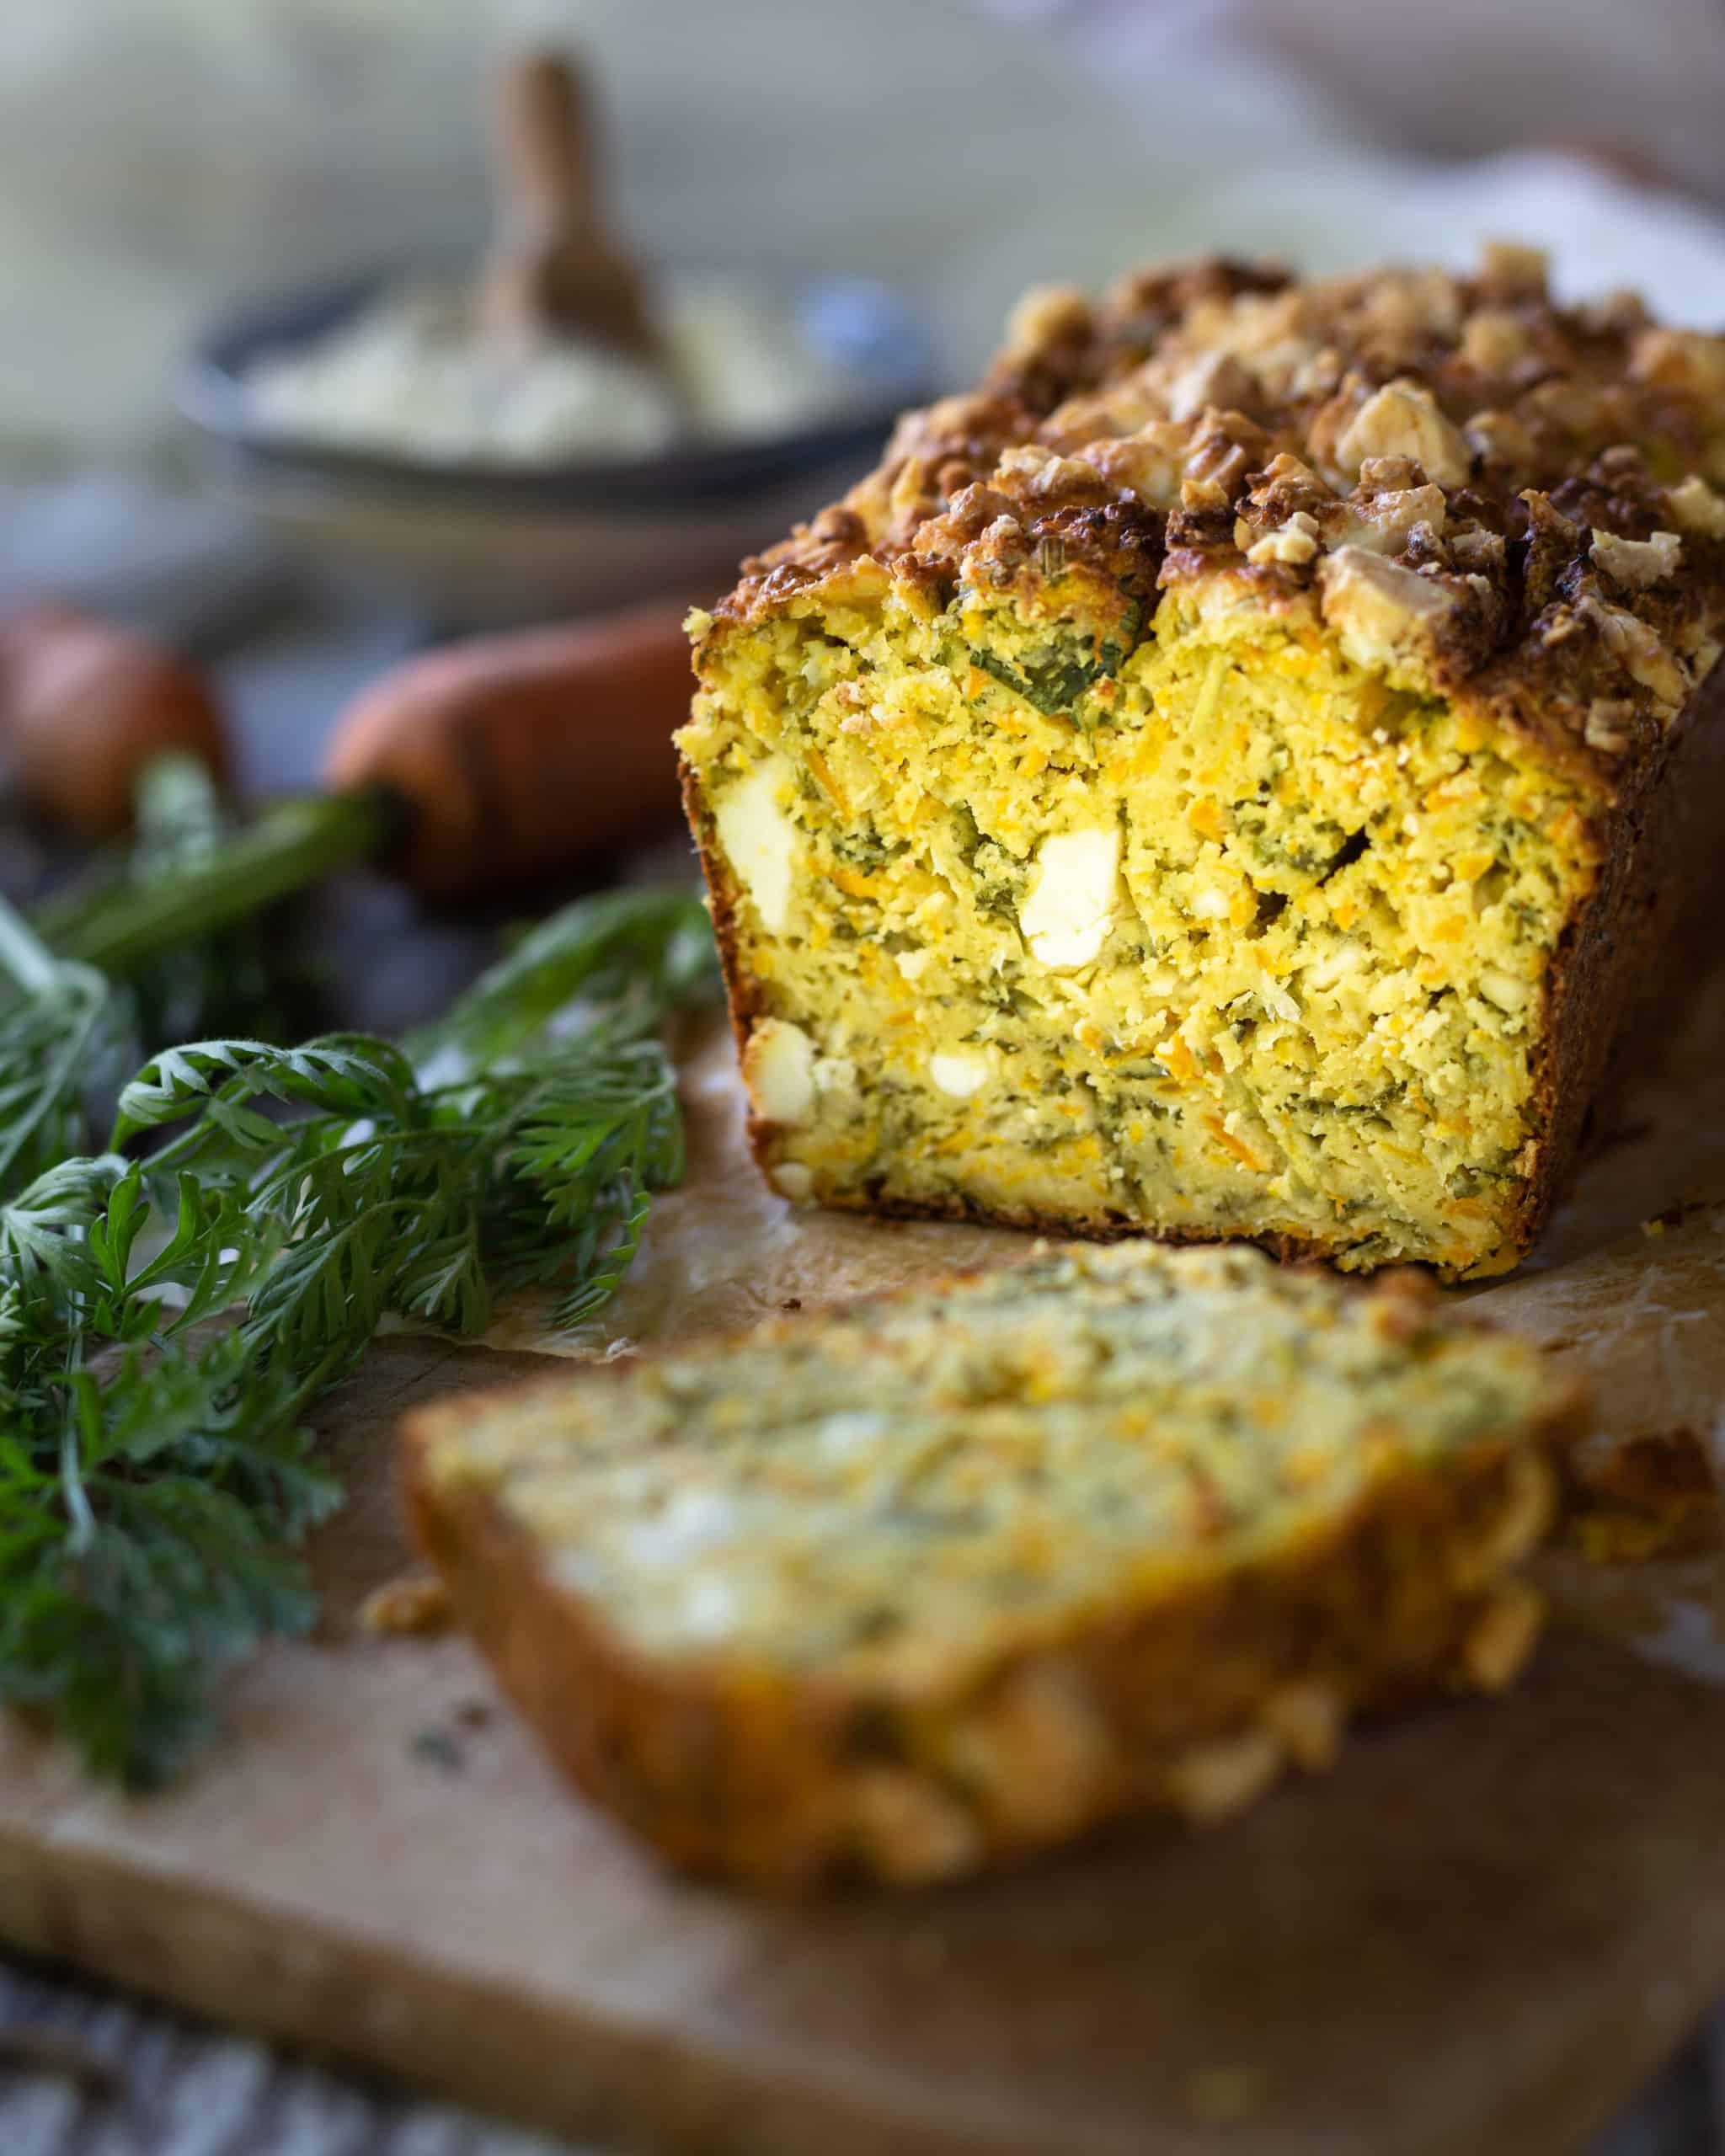 Cake Sans Gluten et «Zéro Déchet» aux Fanes de Carottes (Farine de Quinoa et Farine de Pois Chiche)